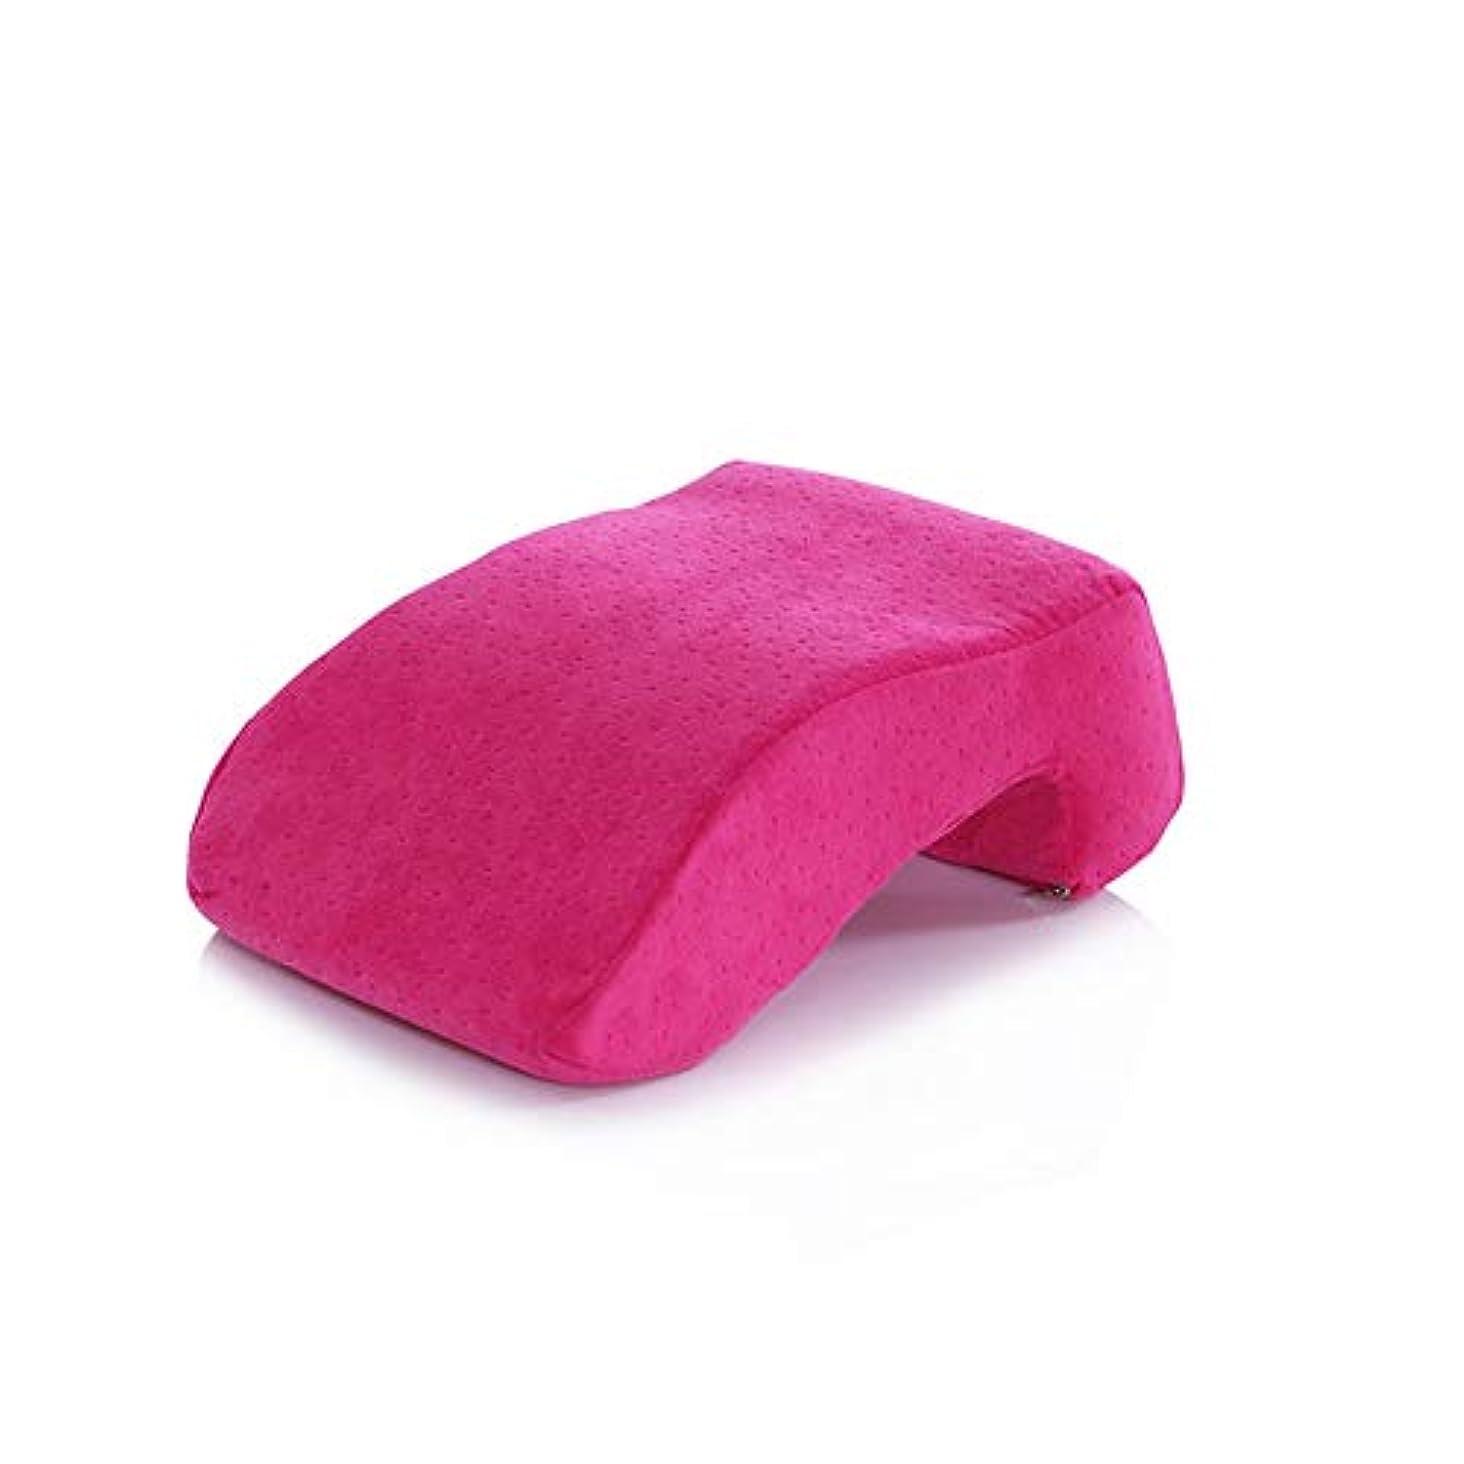 シーフードアロング子音取り外し可能なキルティングカバーが付いているサポート枕オフィスの休息の枕学生の昼休みの枕